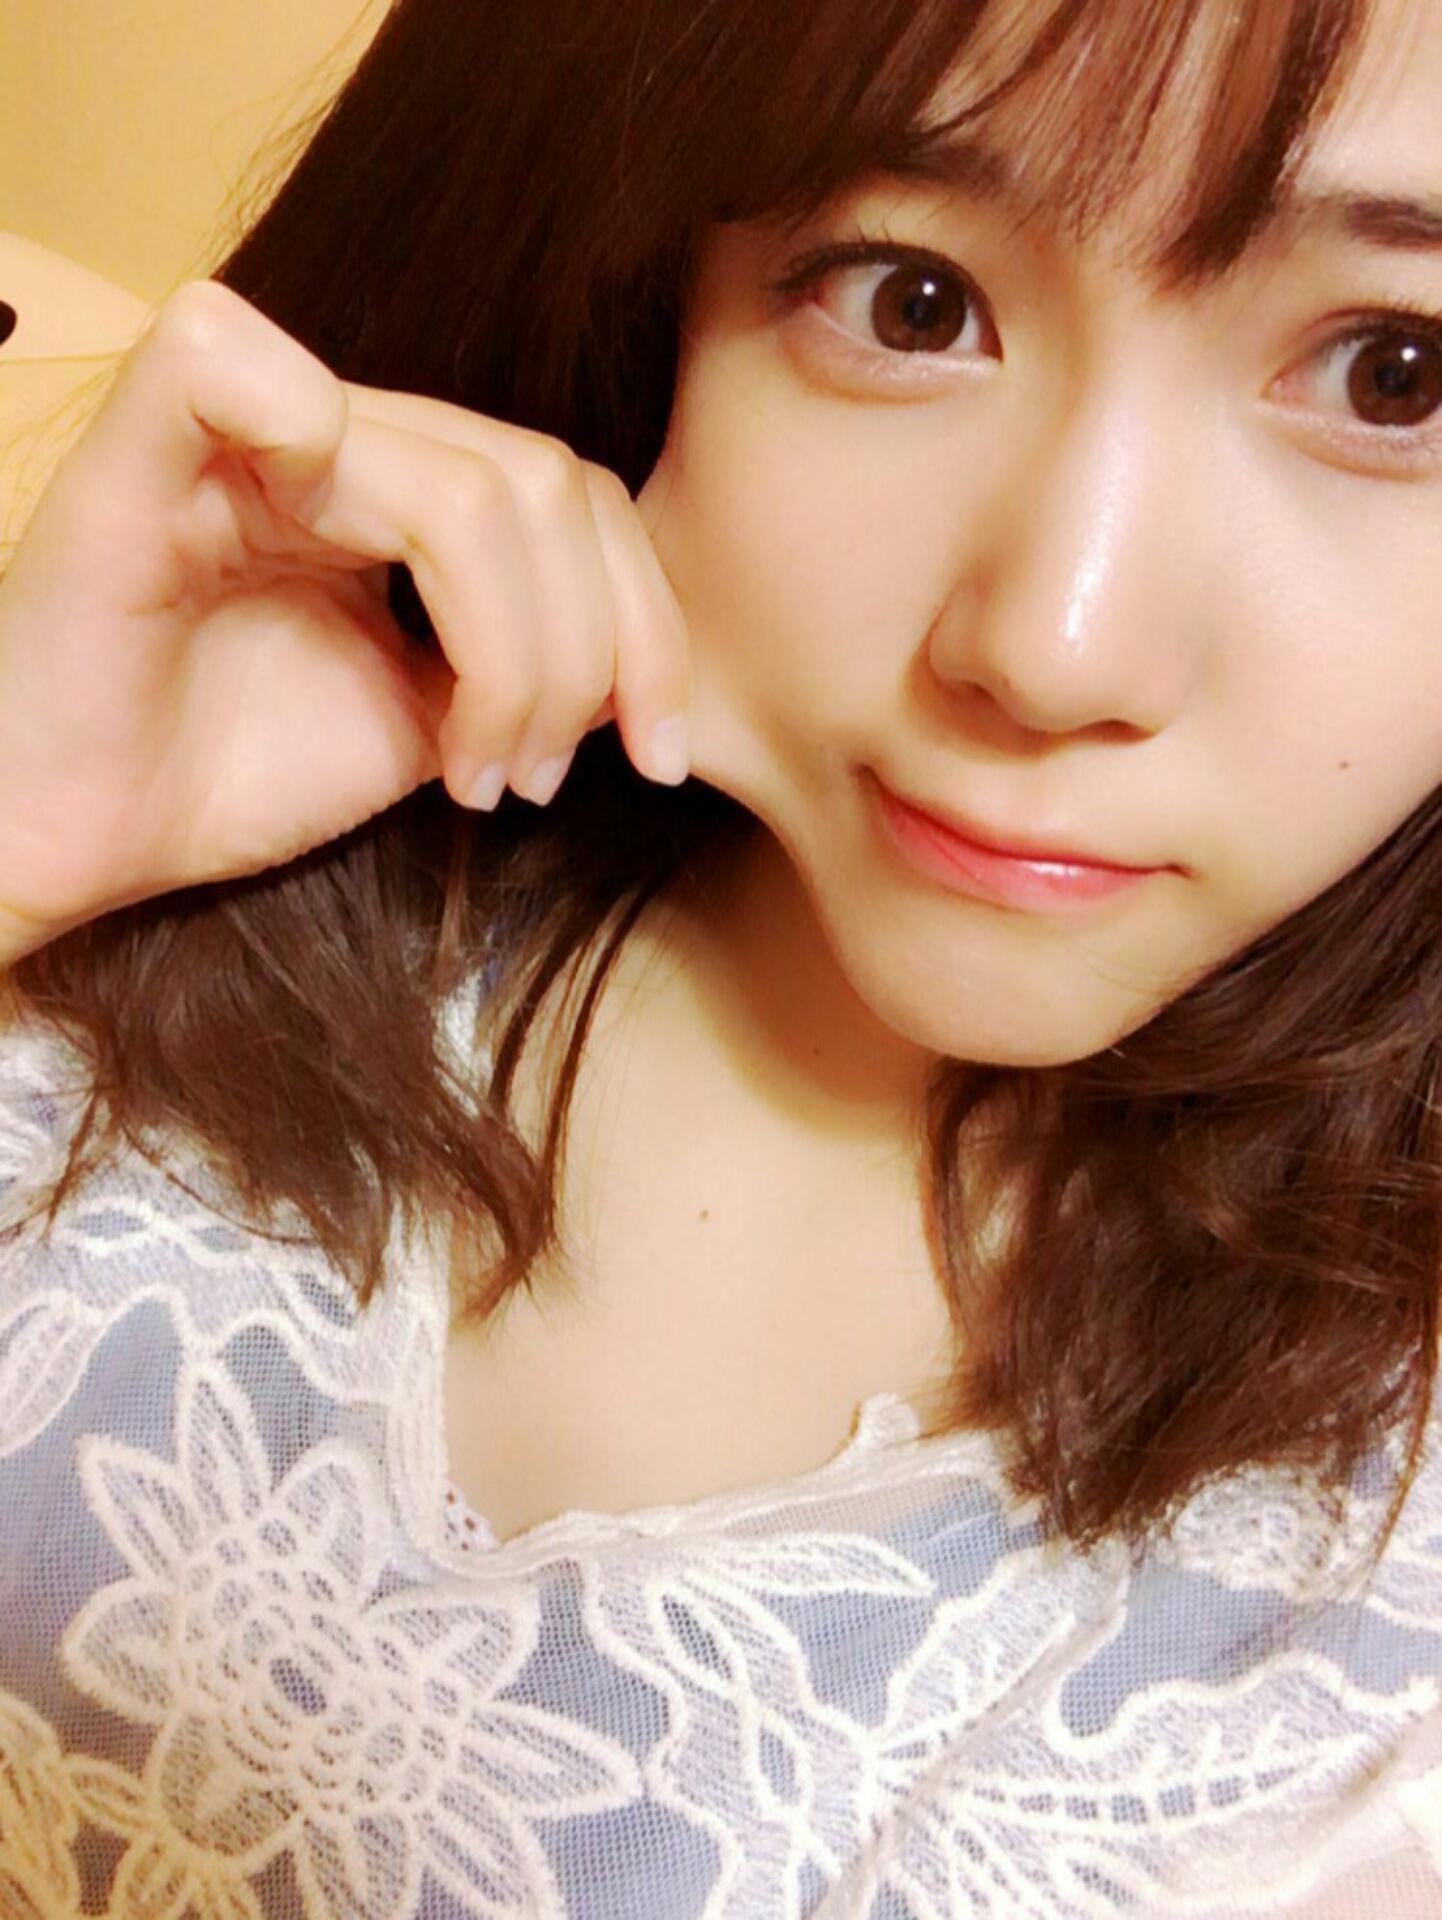 【悲報】チーム8の舞木香純って娘がめっちゃくちゃ綺麗でびっくりした件 [無断転載禁止]©2ch.netYouTube動画>5本 ->画像>82枚